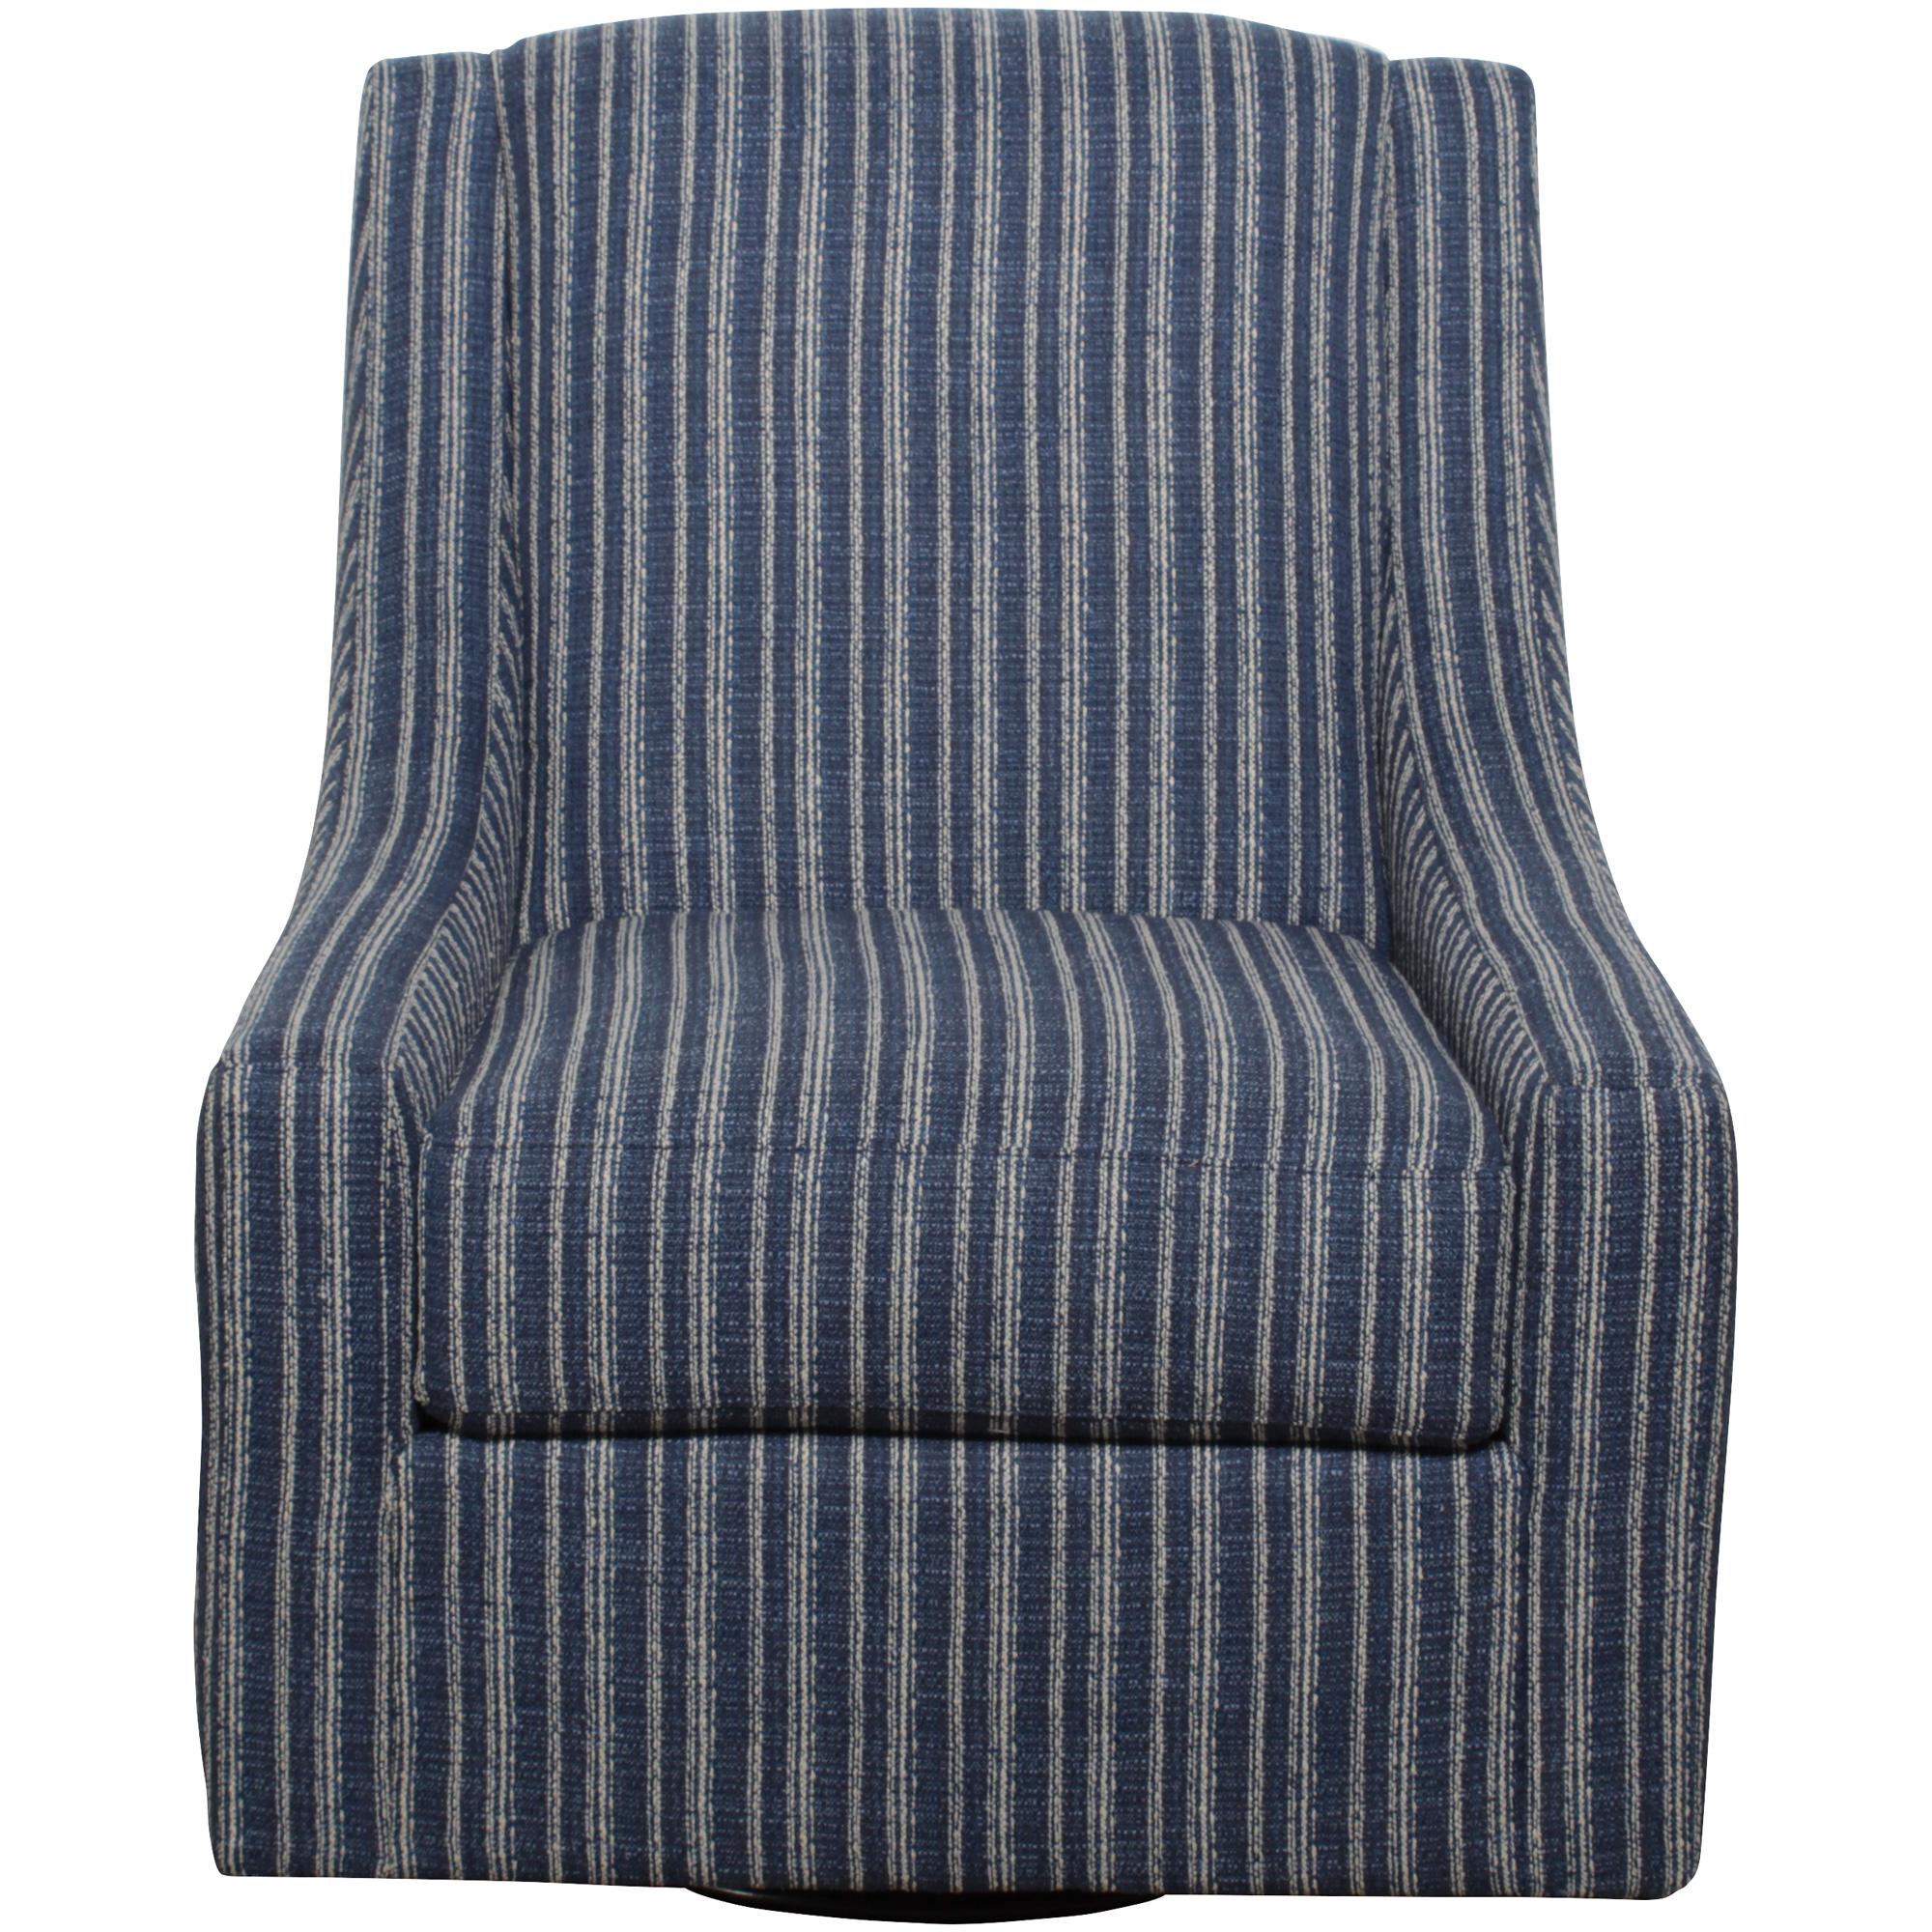 Bauhaus Furniture | Maren Blue Swivel Accent Chair